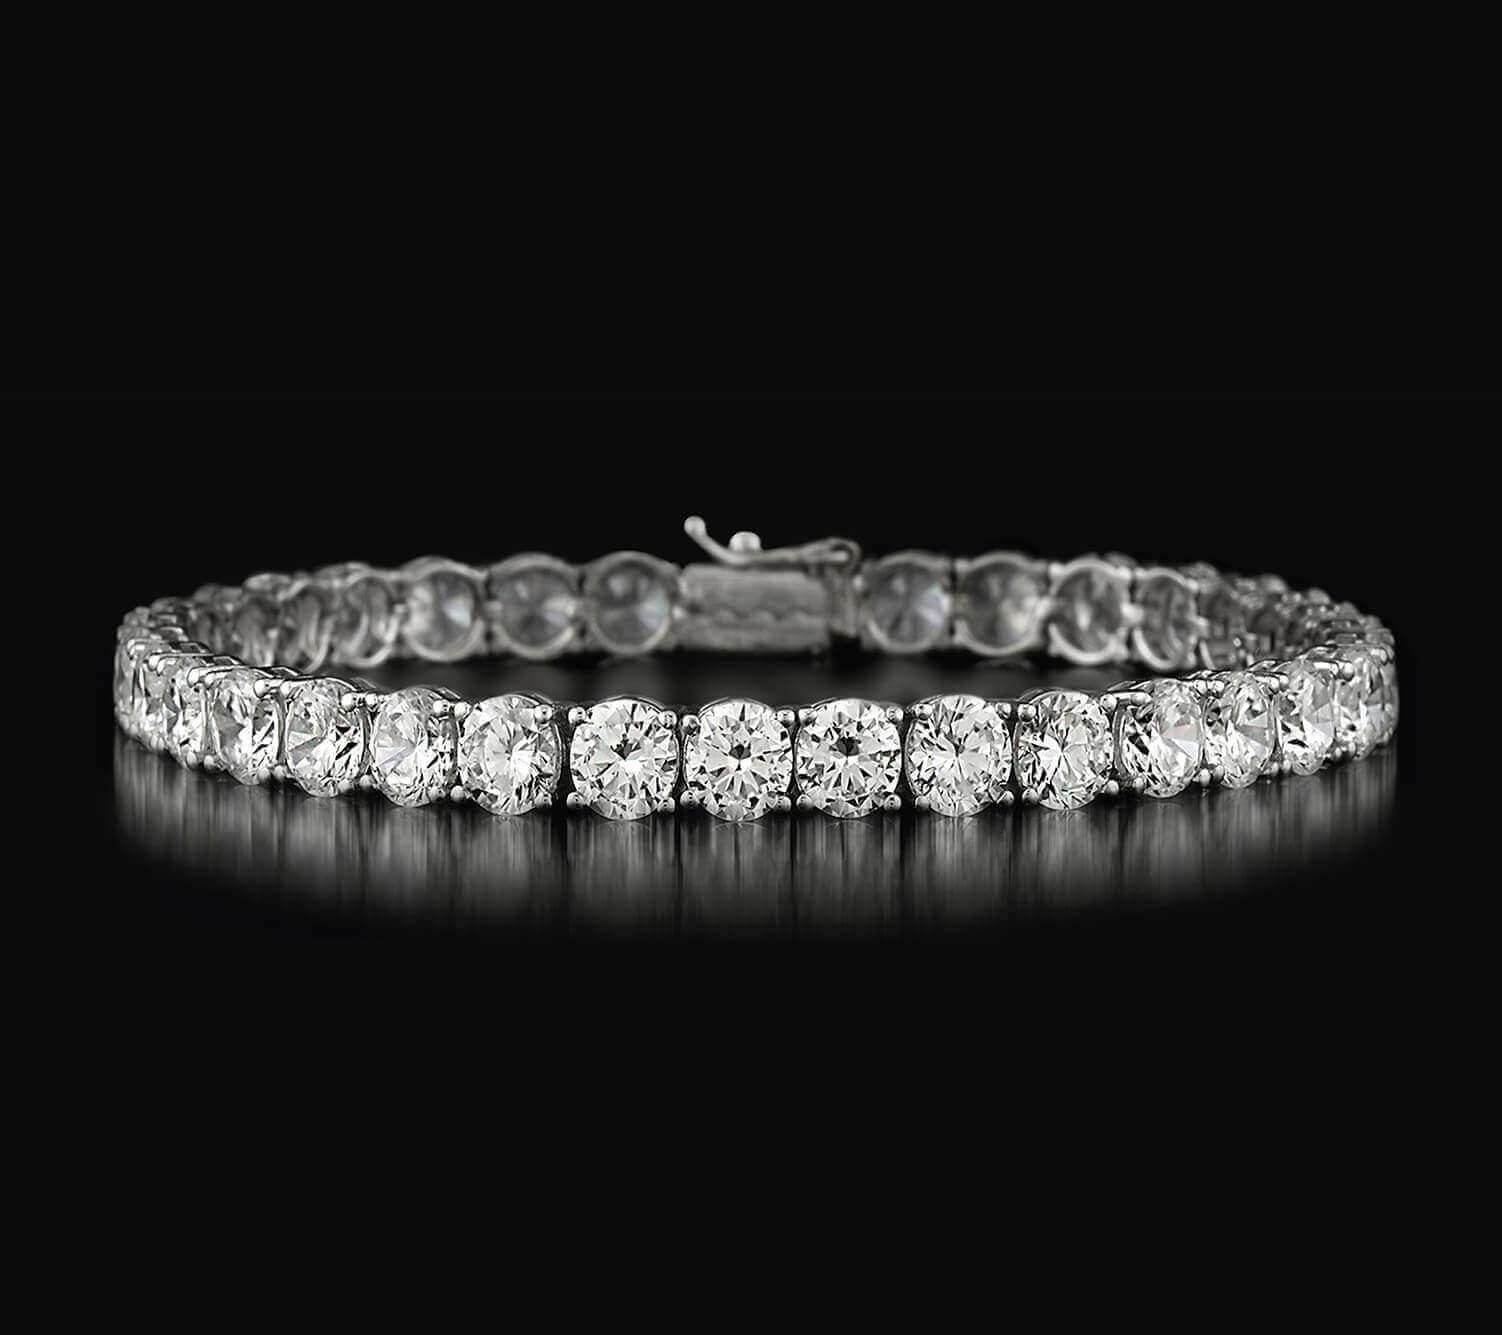 Bracelet Design Software